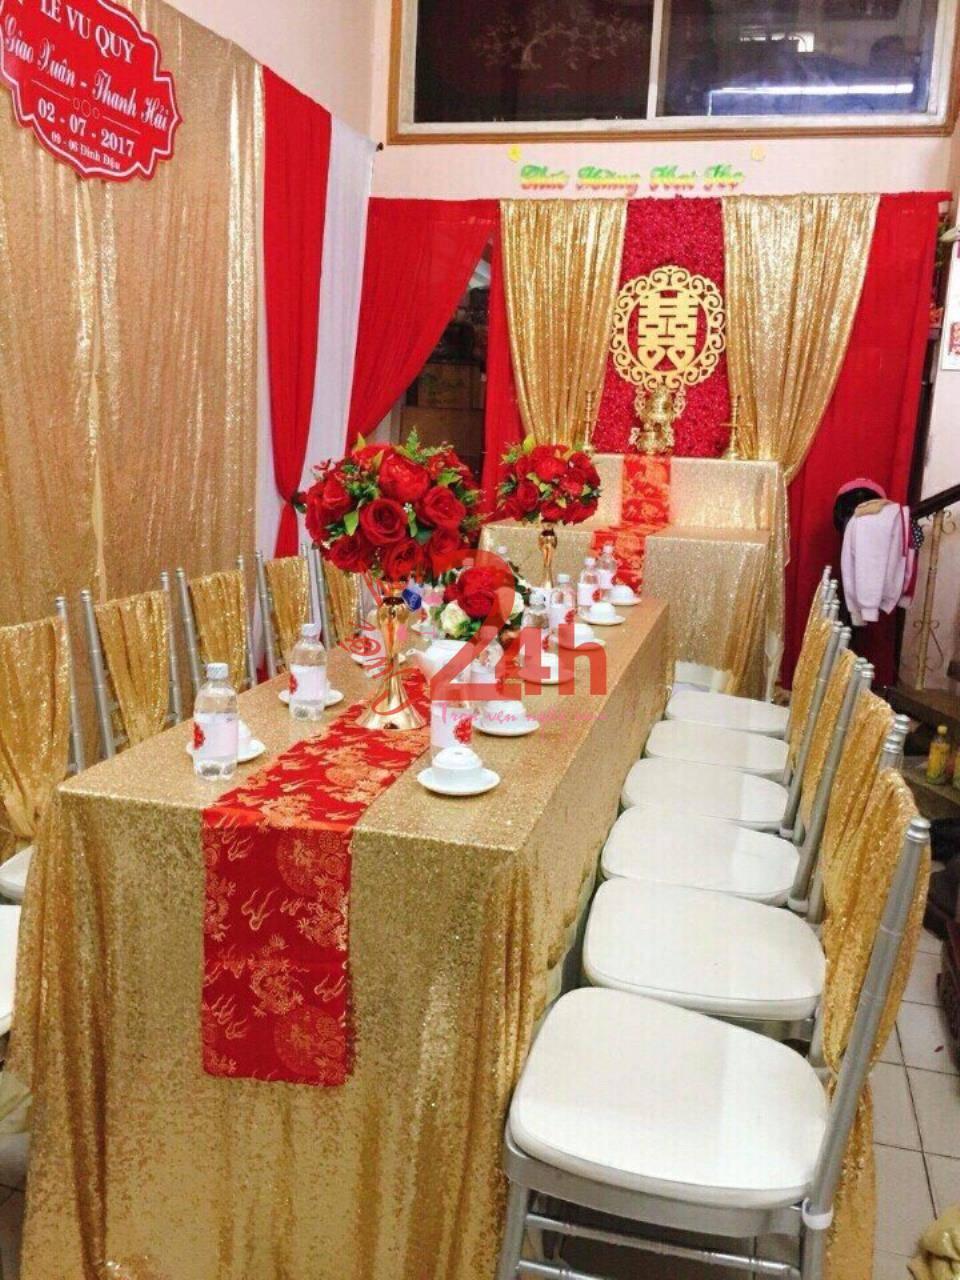 Dịch vụ cưới hỏi 24h trọn vẹn ngày vui chuyên trang trí nhà đám cưới hỏi và nhà hàng tiệc cưới | Hoa để bàn lễ gia tiên